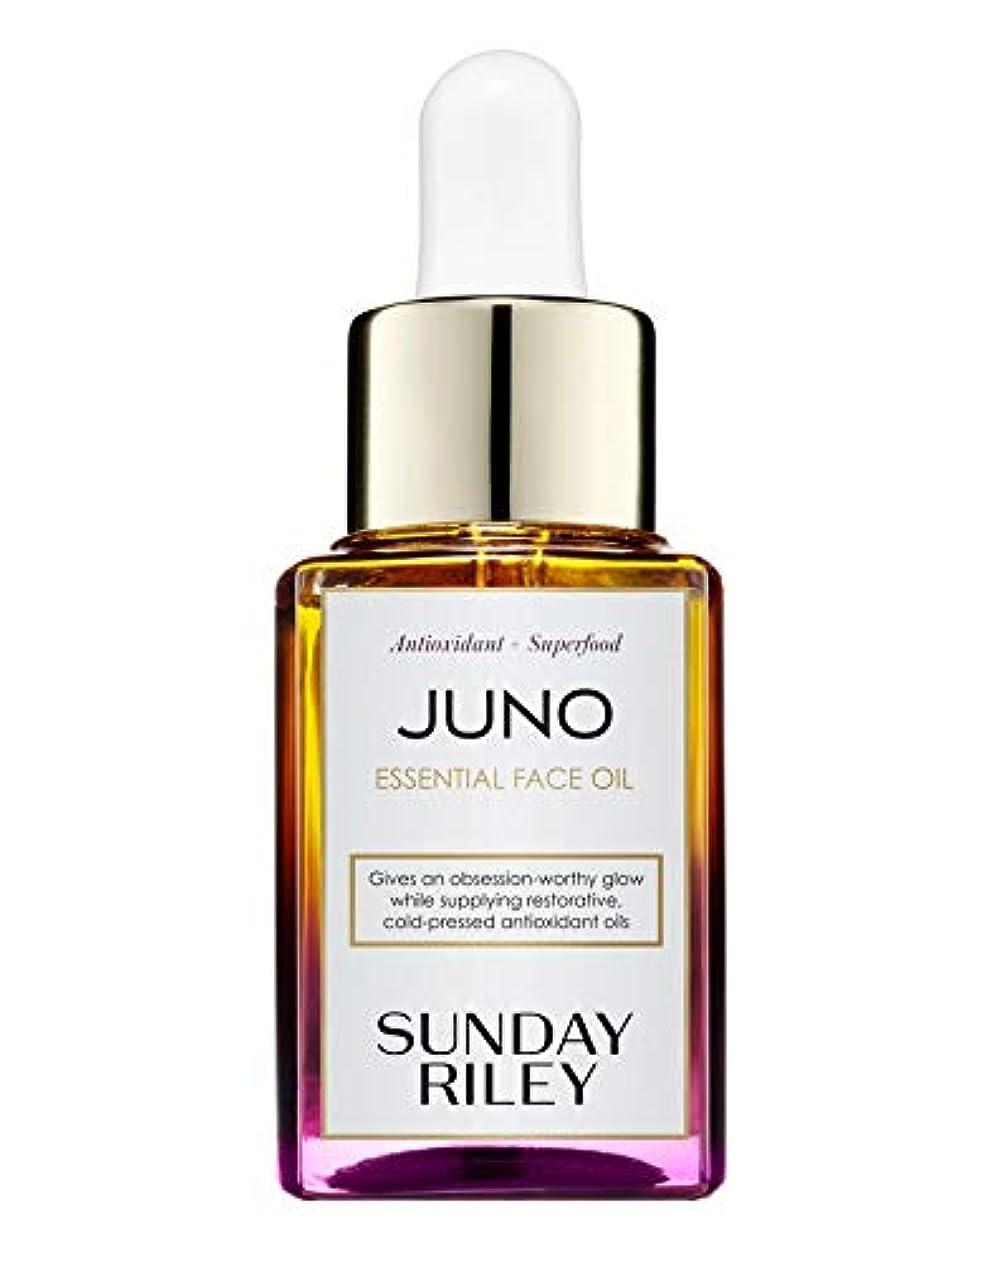 宿泊施設介入するやさしいSunday Riley Juno Hydroactive Cellular Face Oil 15ml サンデーライリー ジュノ フェイスオイル